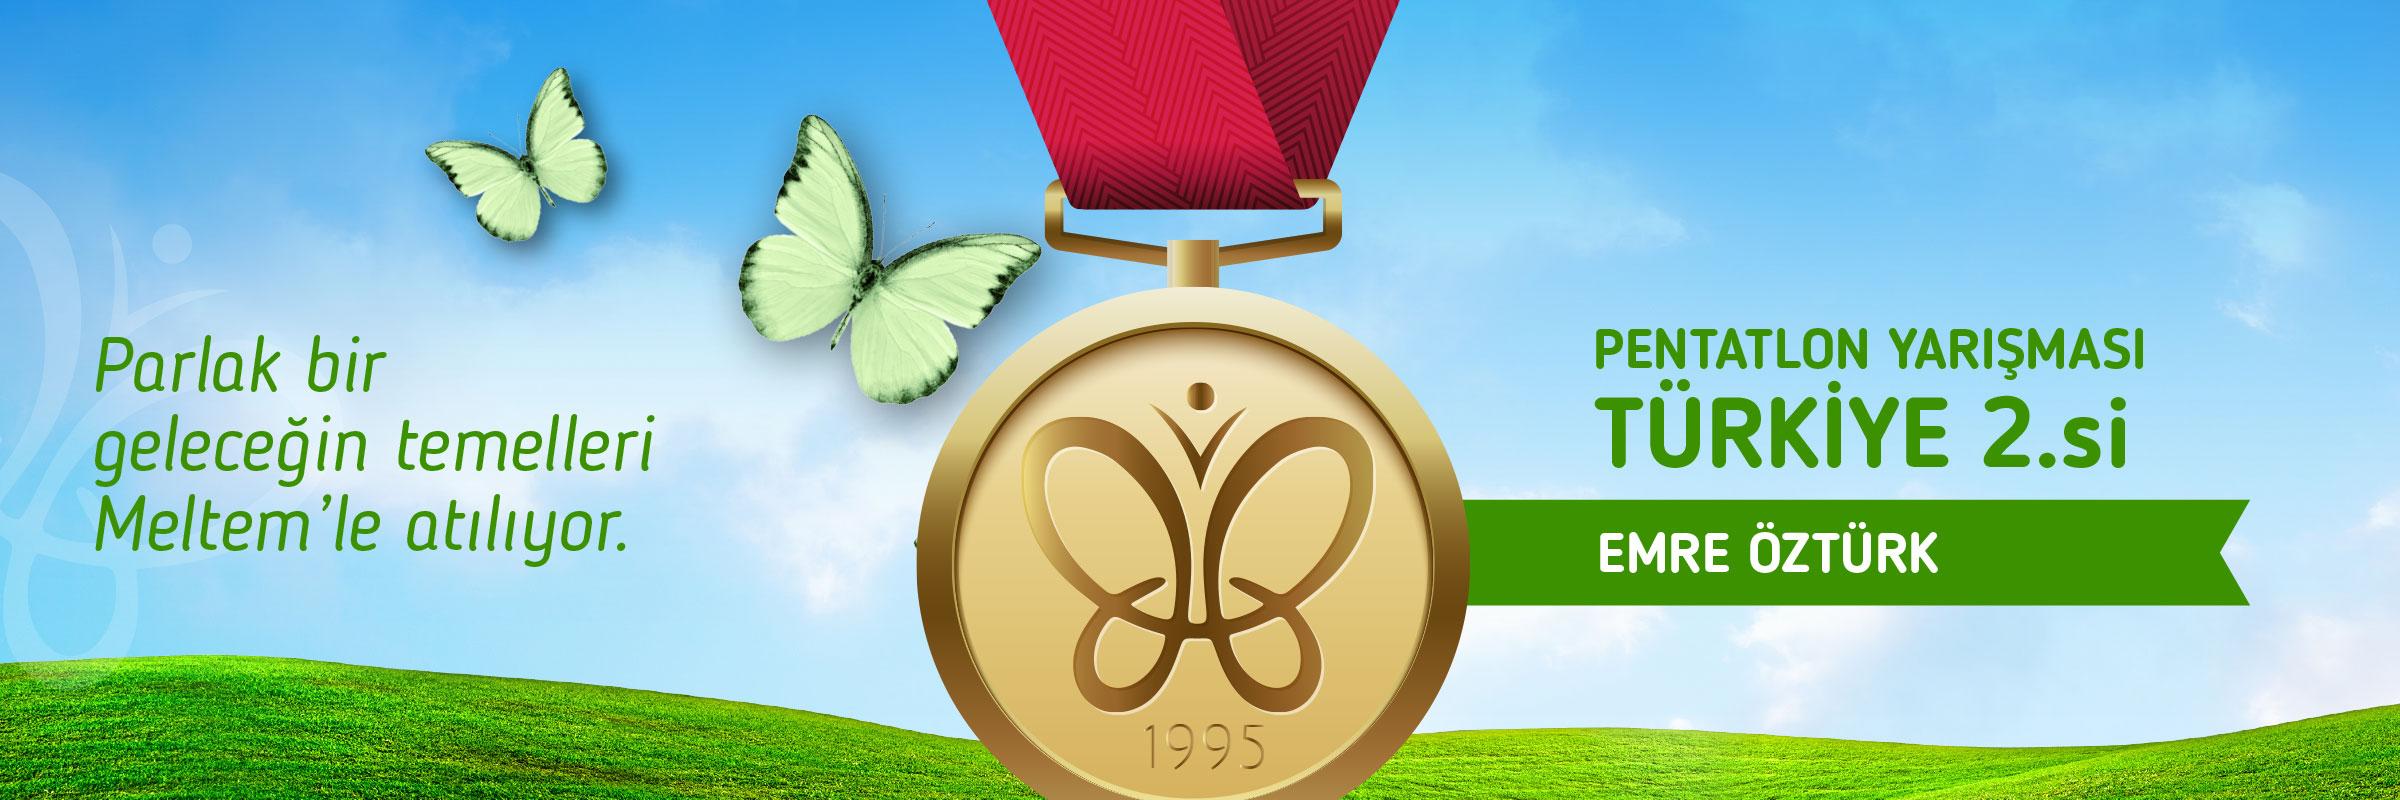 Meltem Koleji Pentatlon Yarışması Türkiye 2.si